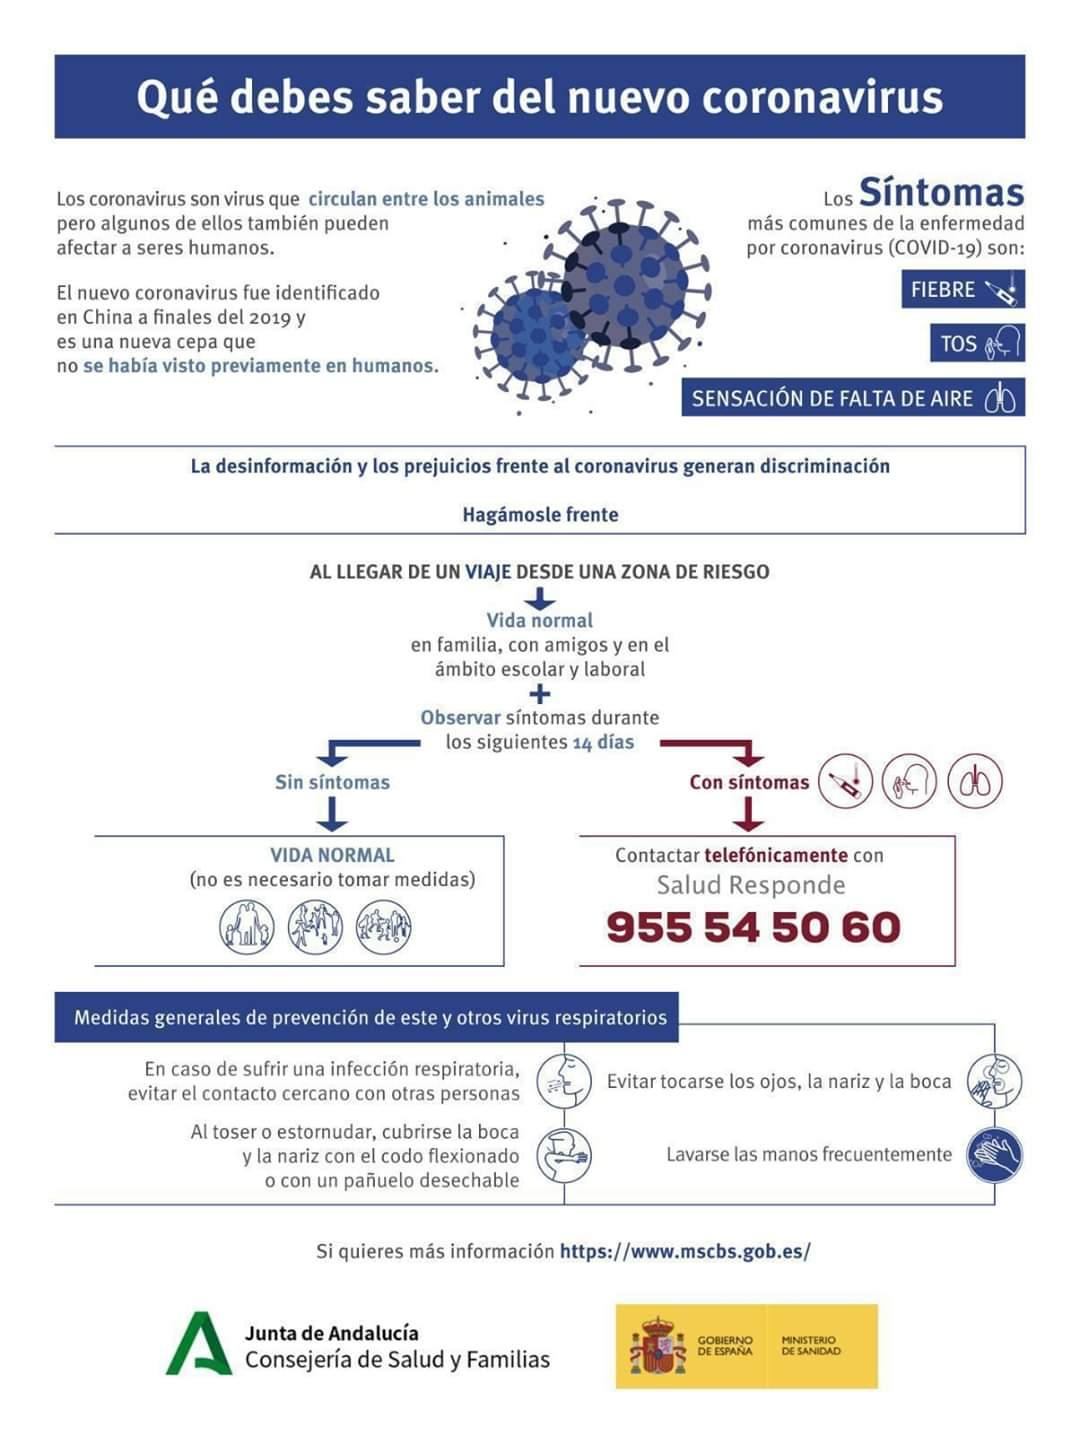 Qué debes saber sobre el nuevo coronavirus